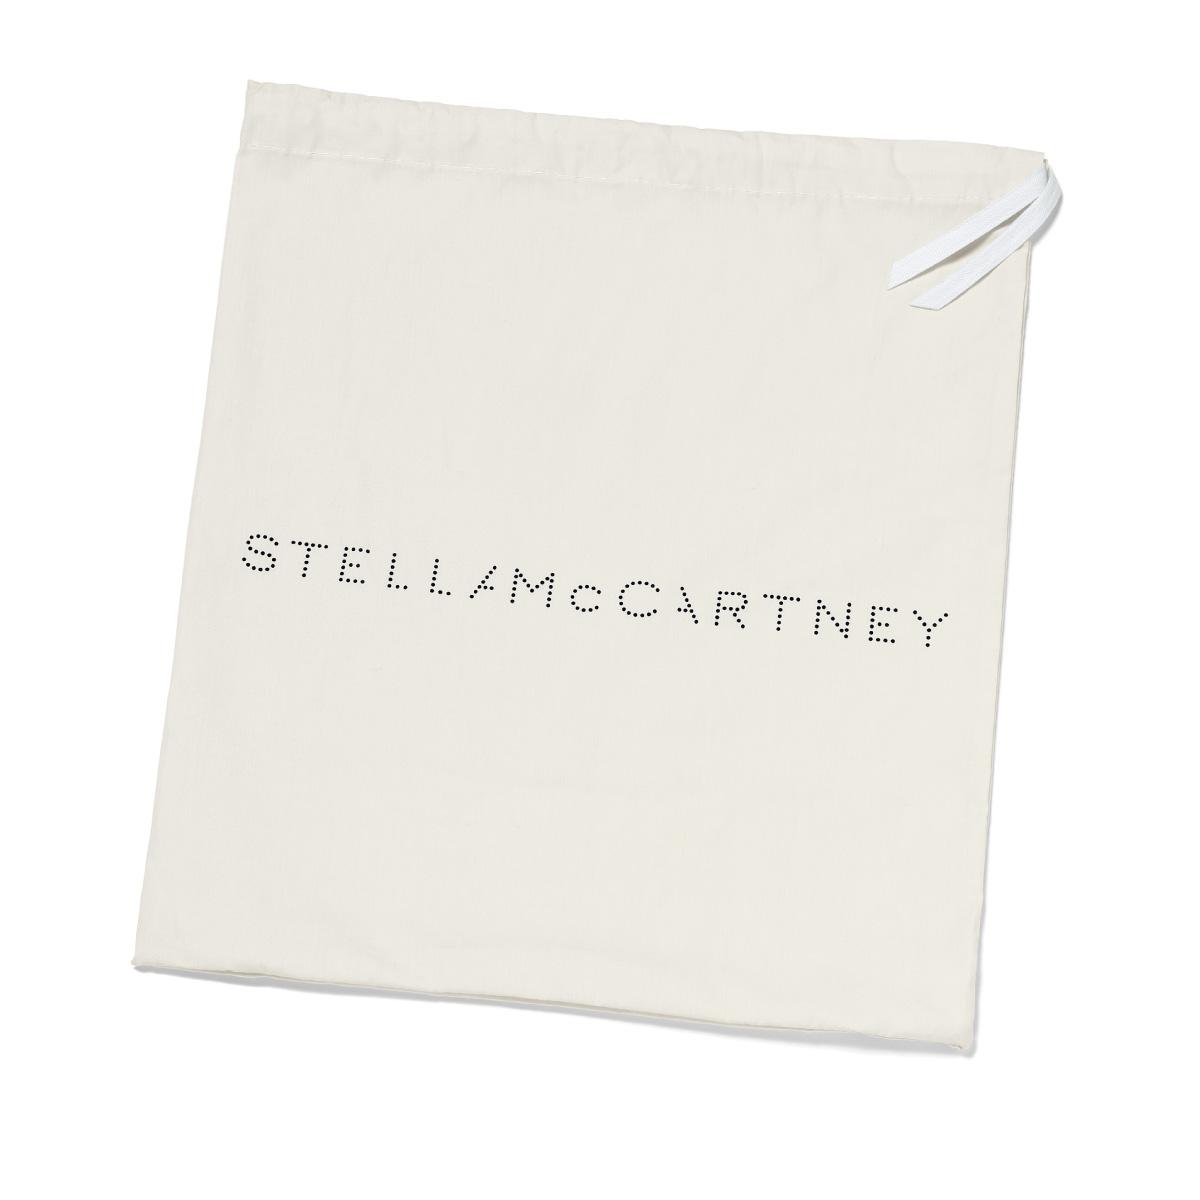 STELLA McCARTNEY ステラ マッカートニー   ショルダー付 バケットバッグ マイクロ   FALABELLA ファラベラ